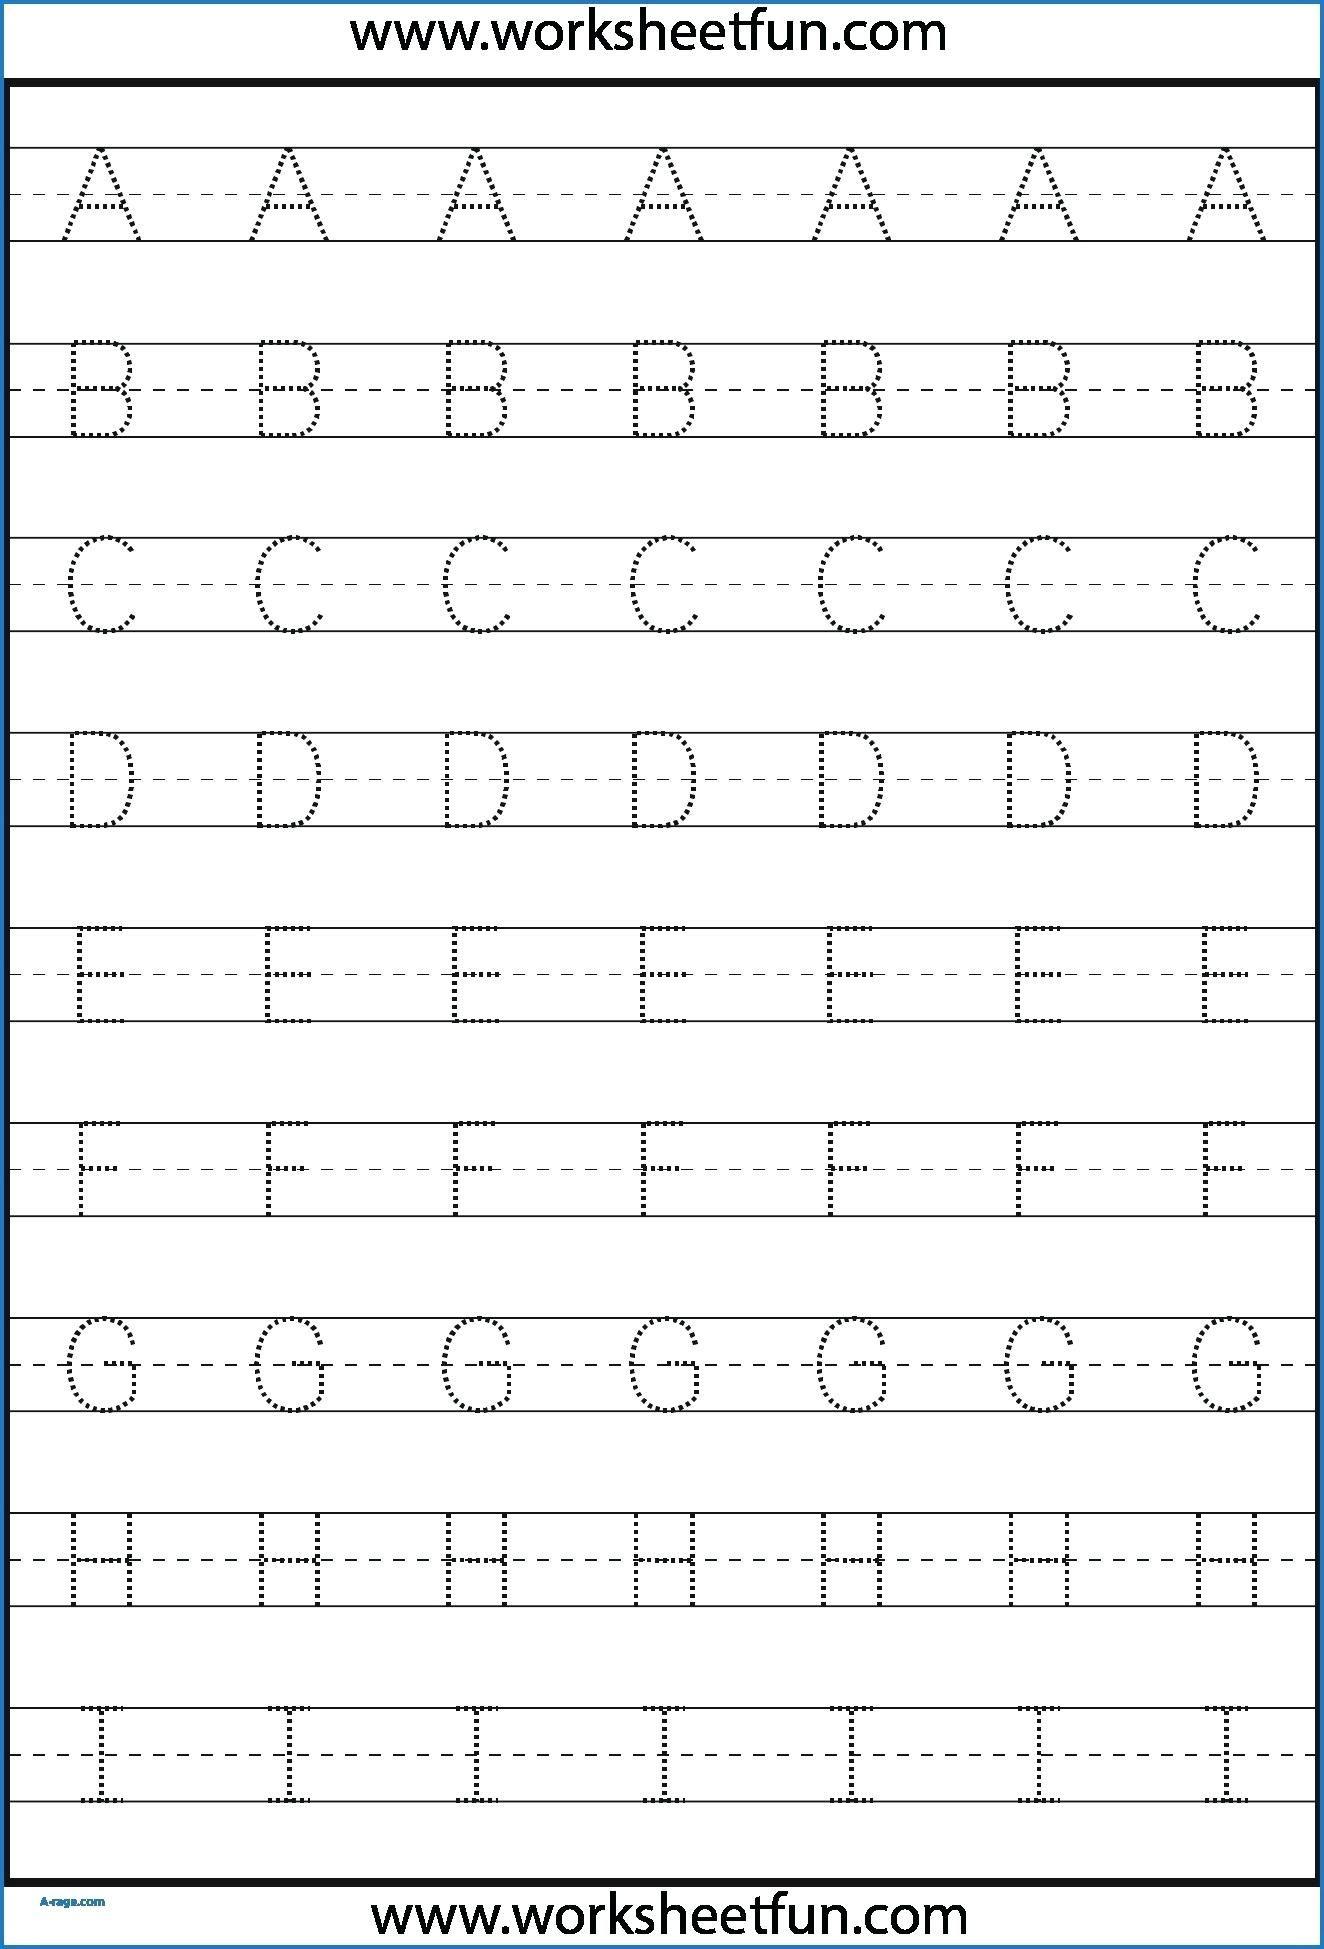 Kindergarten Letter Tracing Worksheets Pdf - Wallpaper Image with Letter S Worksheets For Toddlers